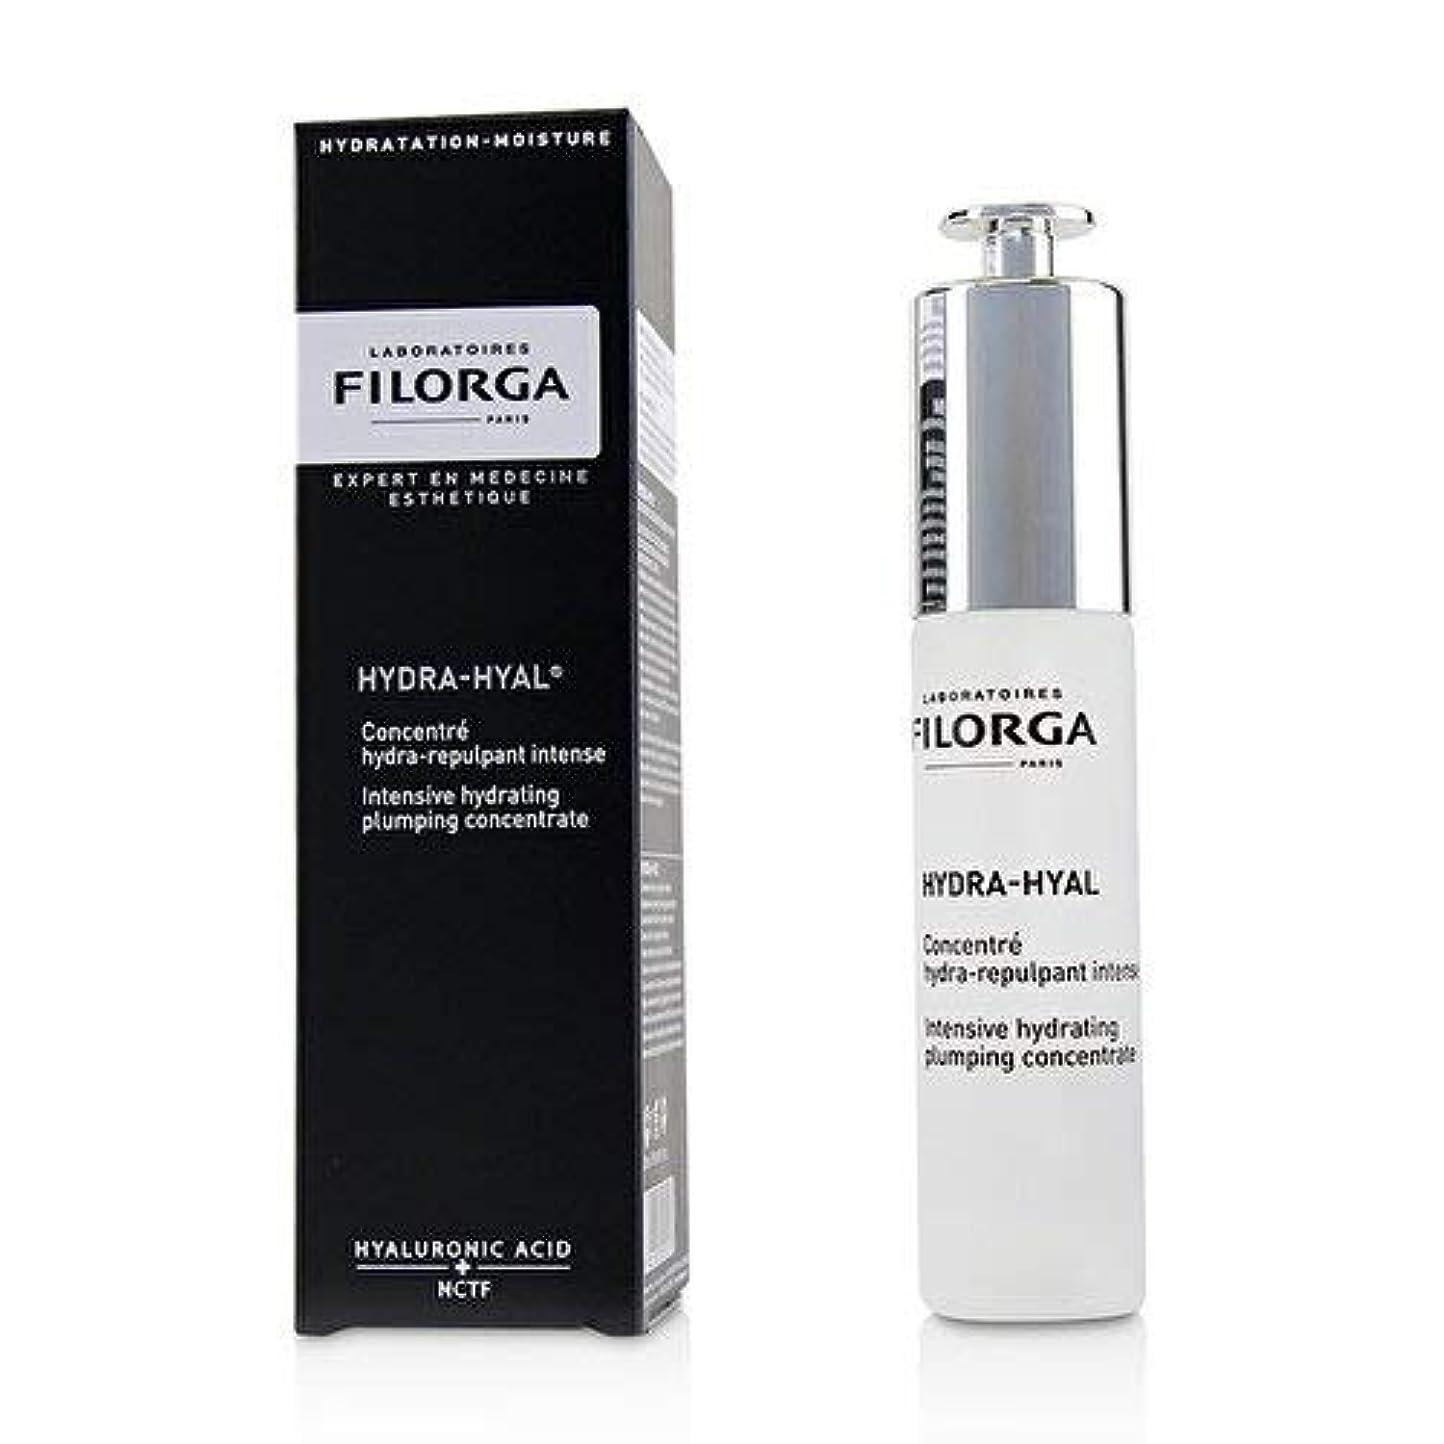 海洋速記がんばり続けるFilorga Hydra-Hyal Intensive Hydrating Plumping Concentrate 1V1320DM/359720 30ml/1oz並行輸入品